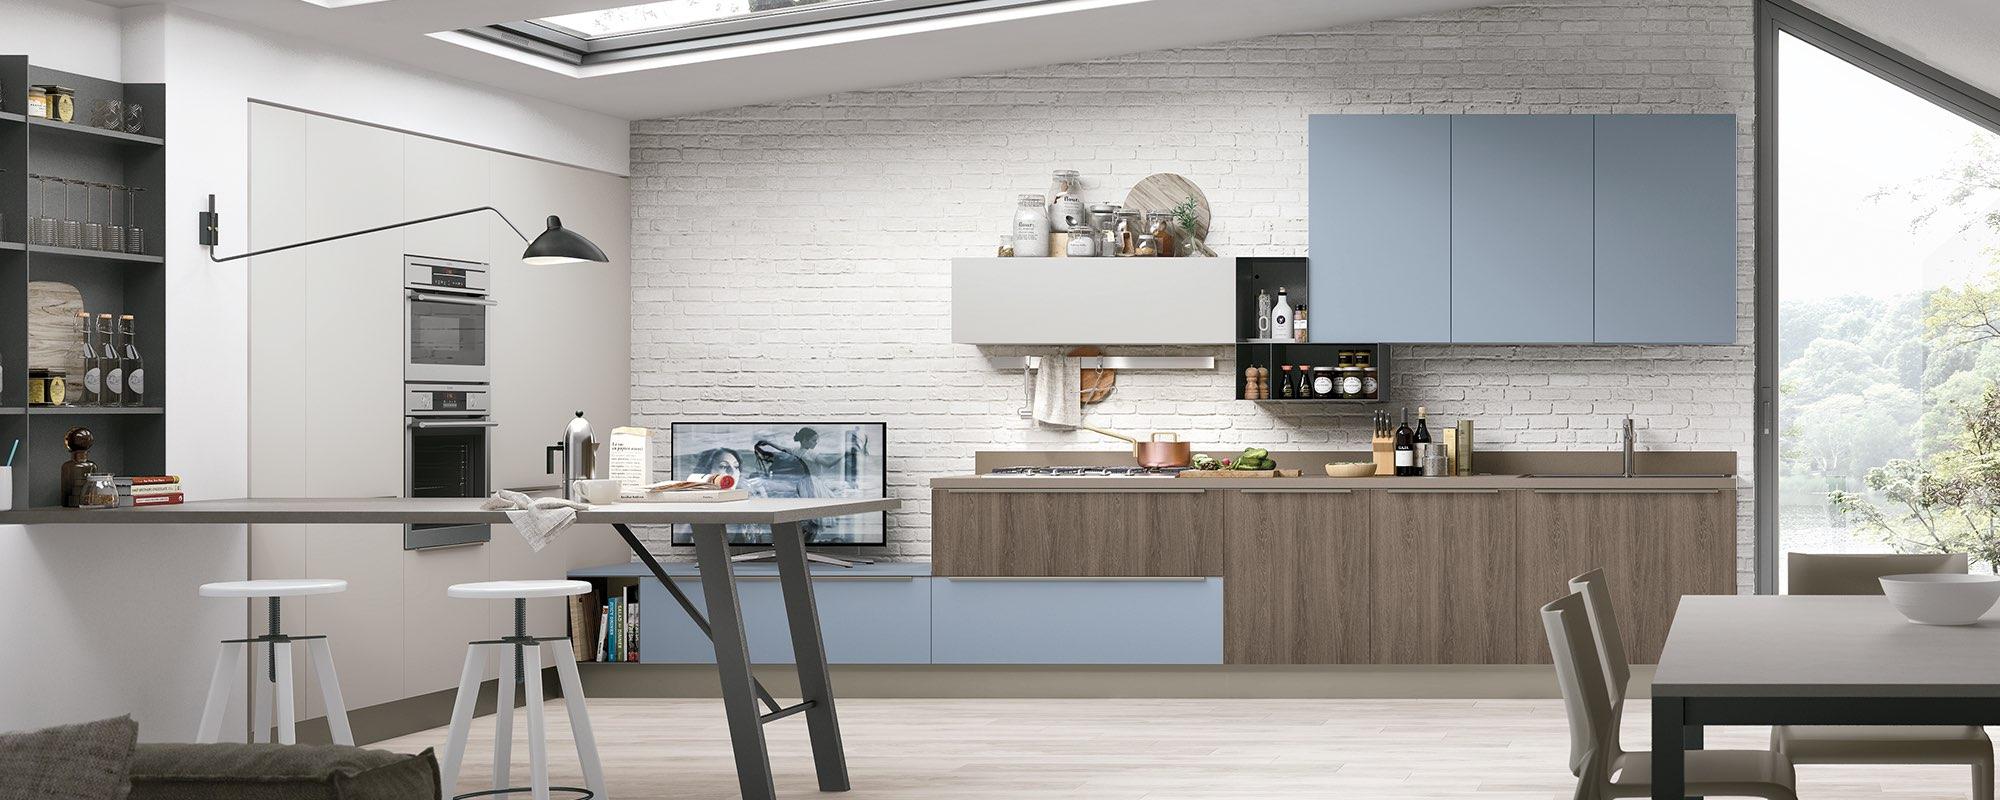 cucina classica con mobili color legno ed azzurri